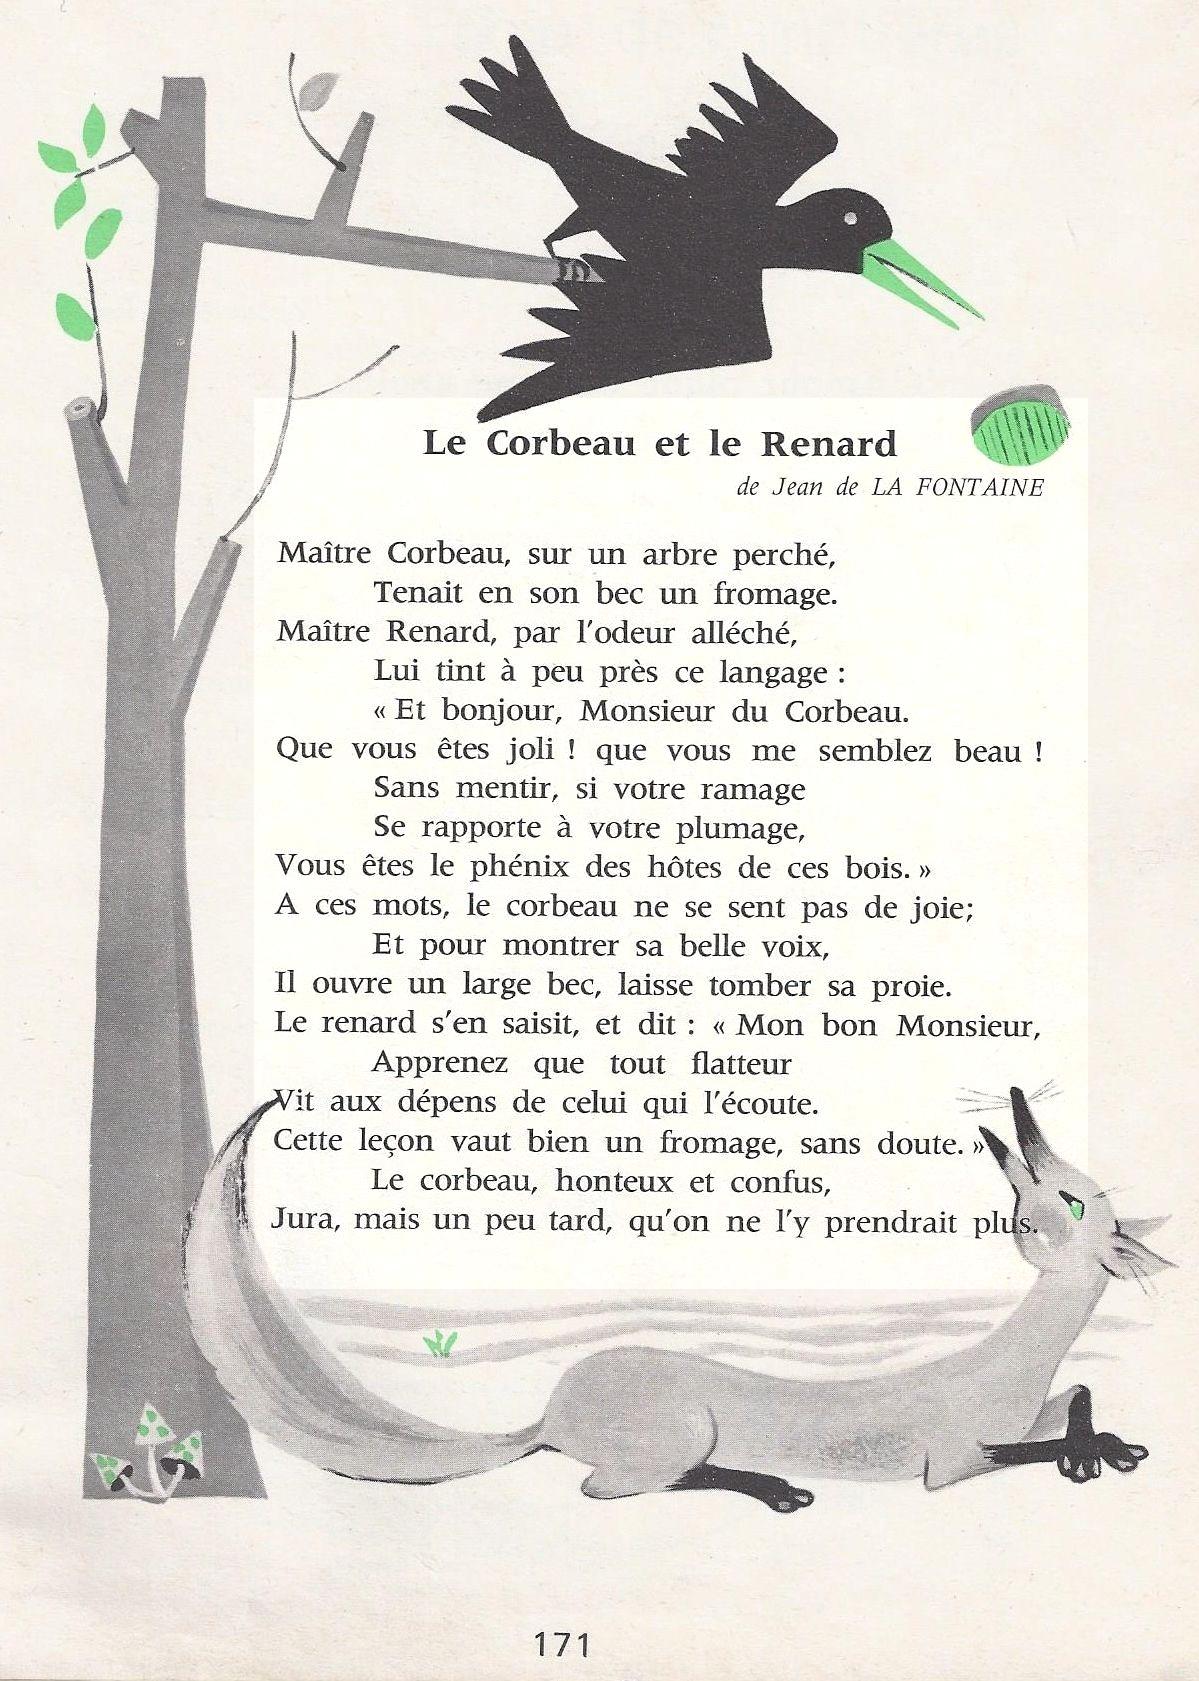 poesie le corbeau et le renard